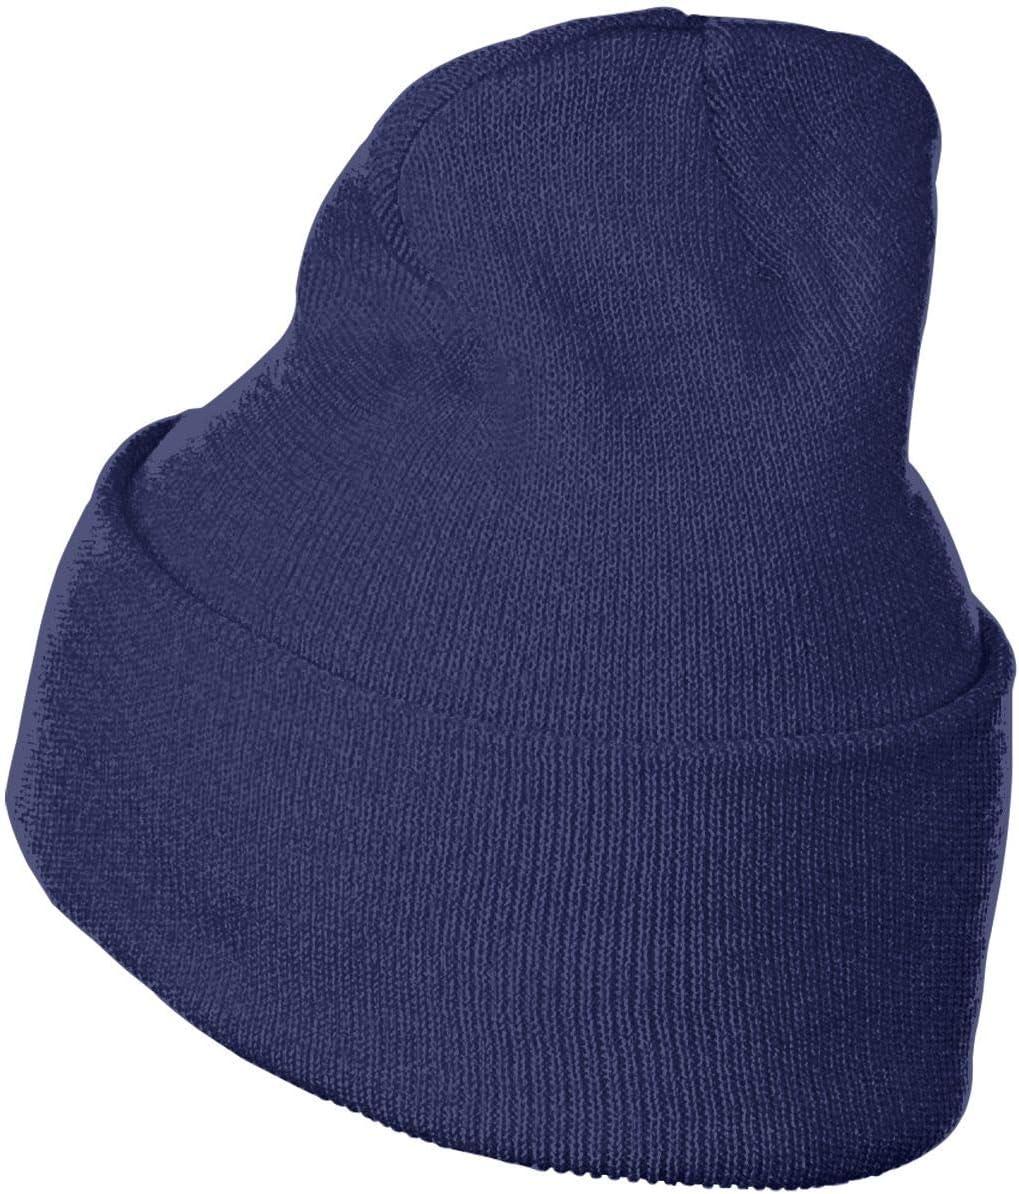 USS Michael Monsoor DDG 1001 Men/&Women Warm Winter Knit Plain Beanie Hat Skull Cap Acrylic Knit Cuff Hat